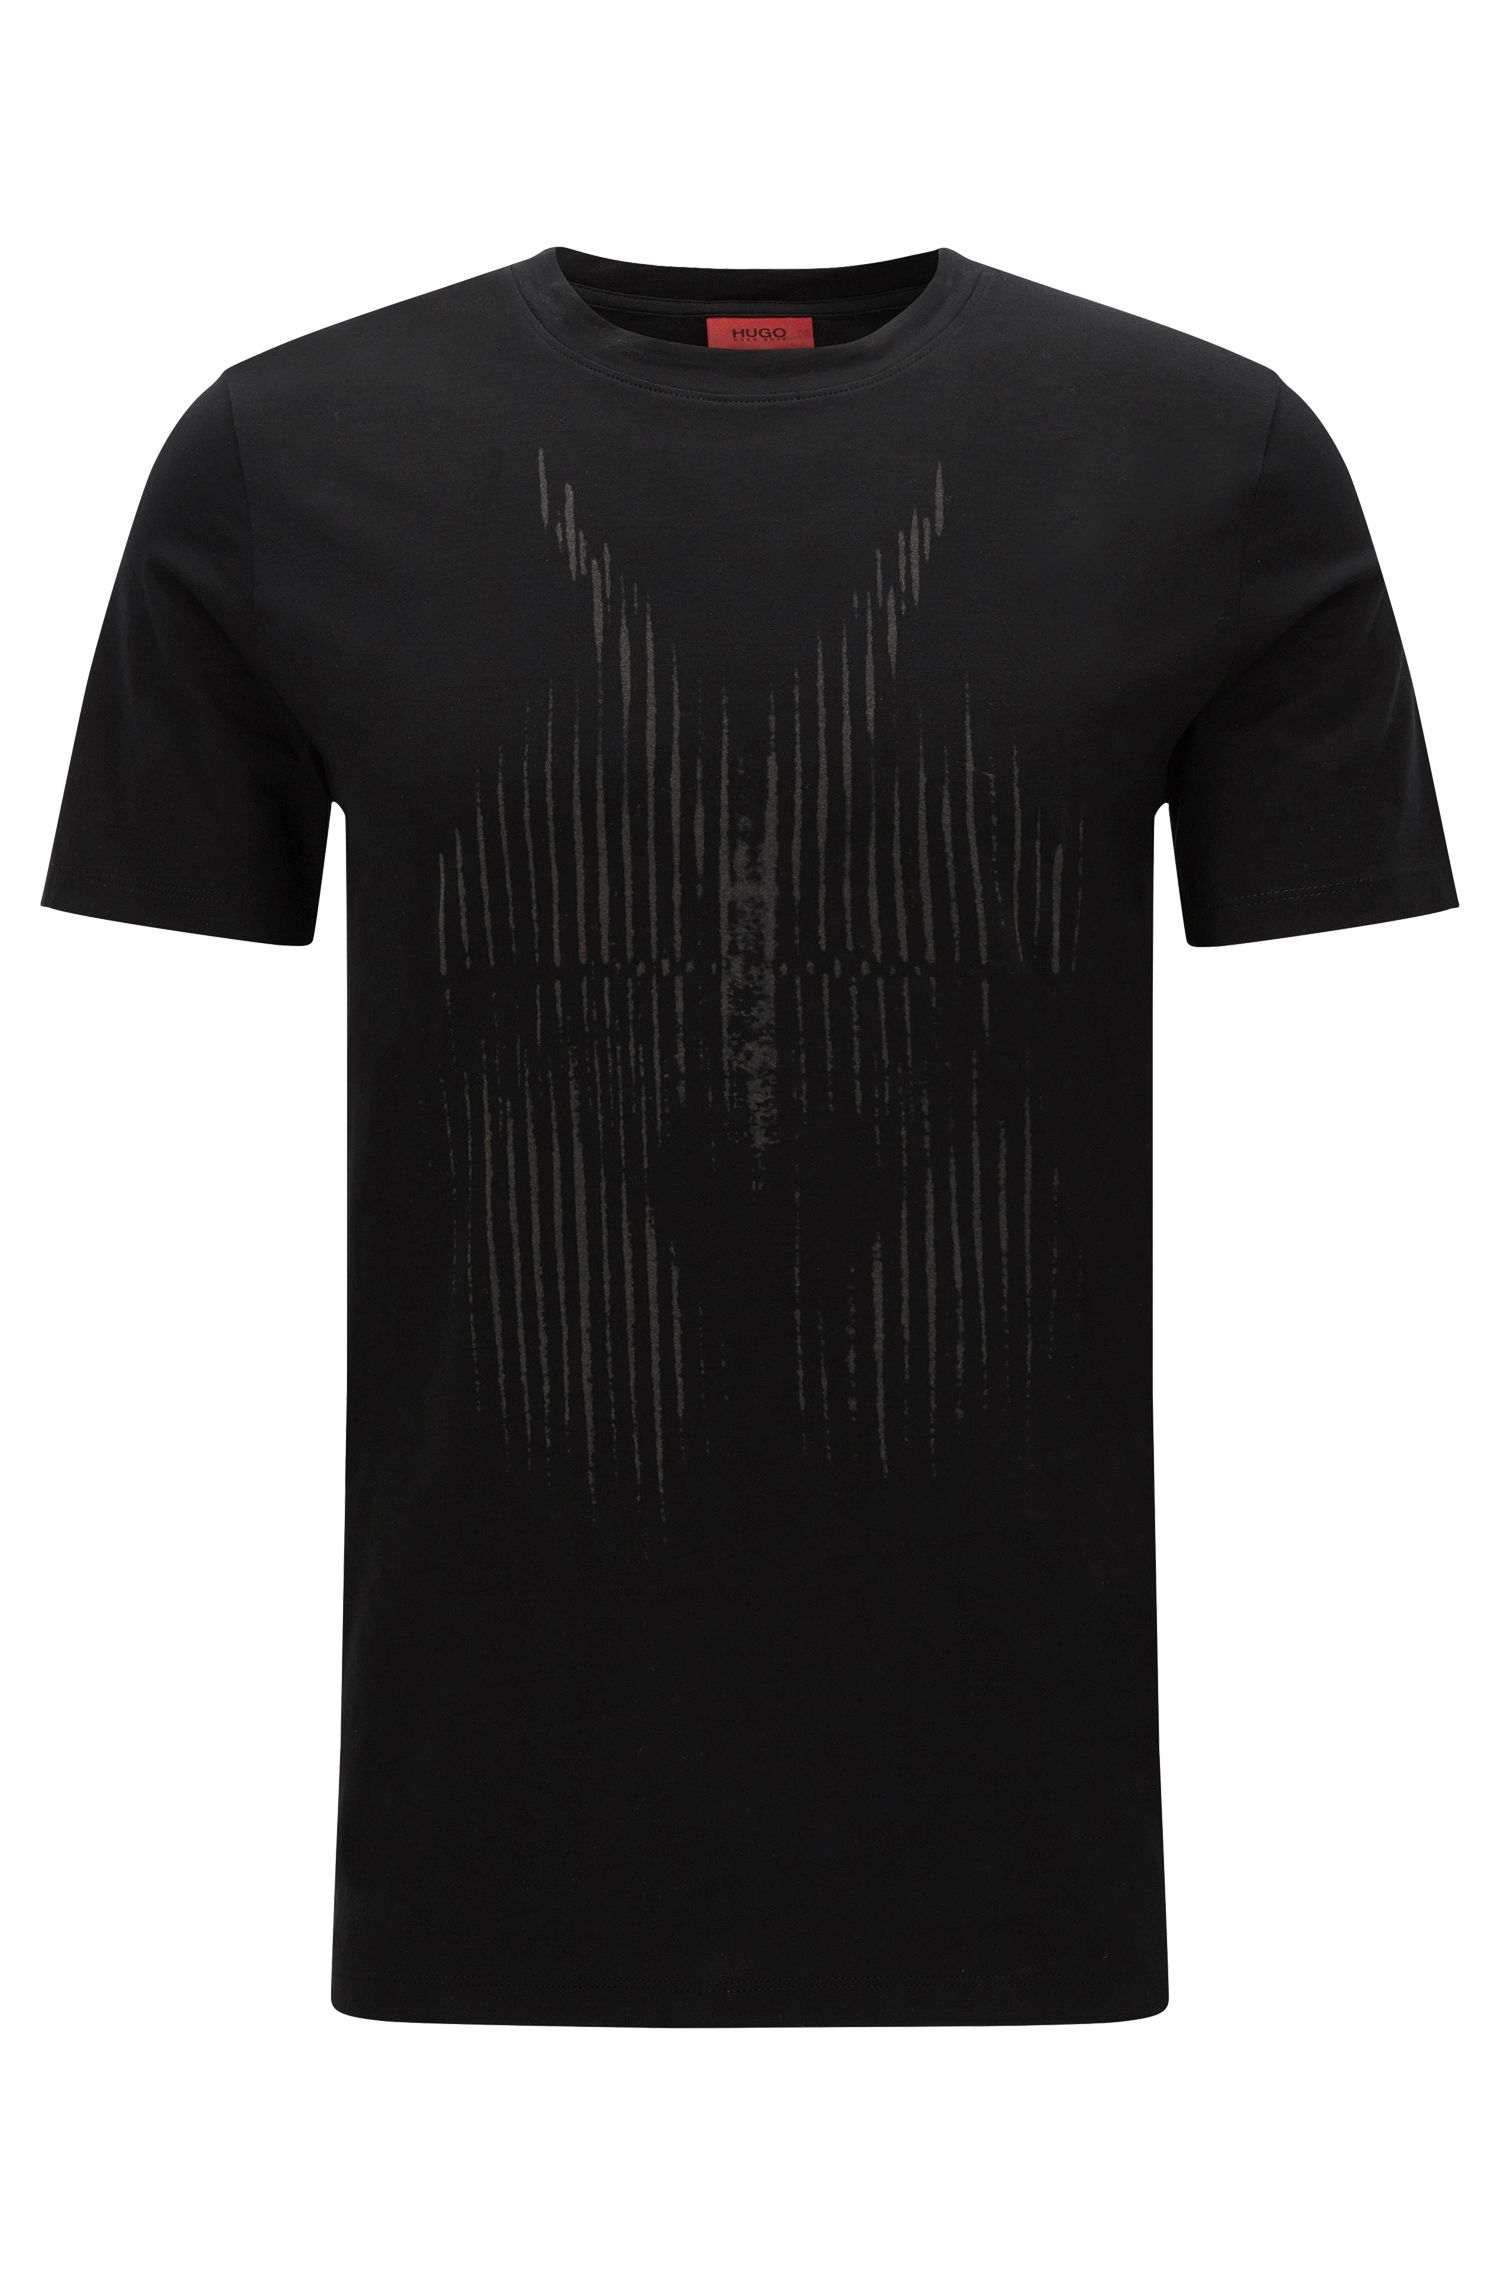 Cotton Graphic T-Shirt | Deetle